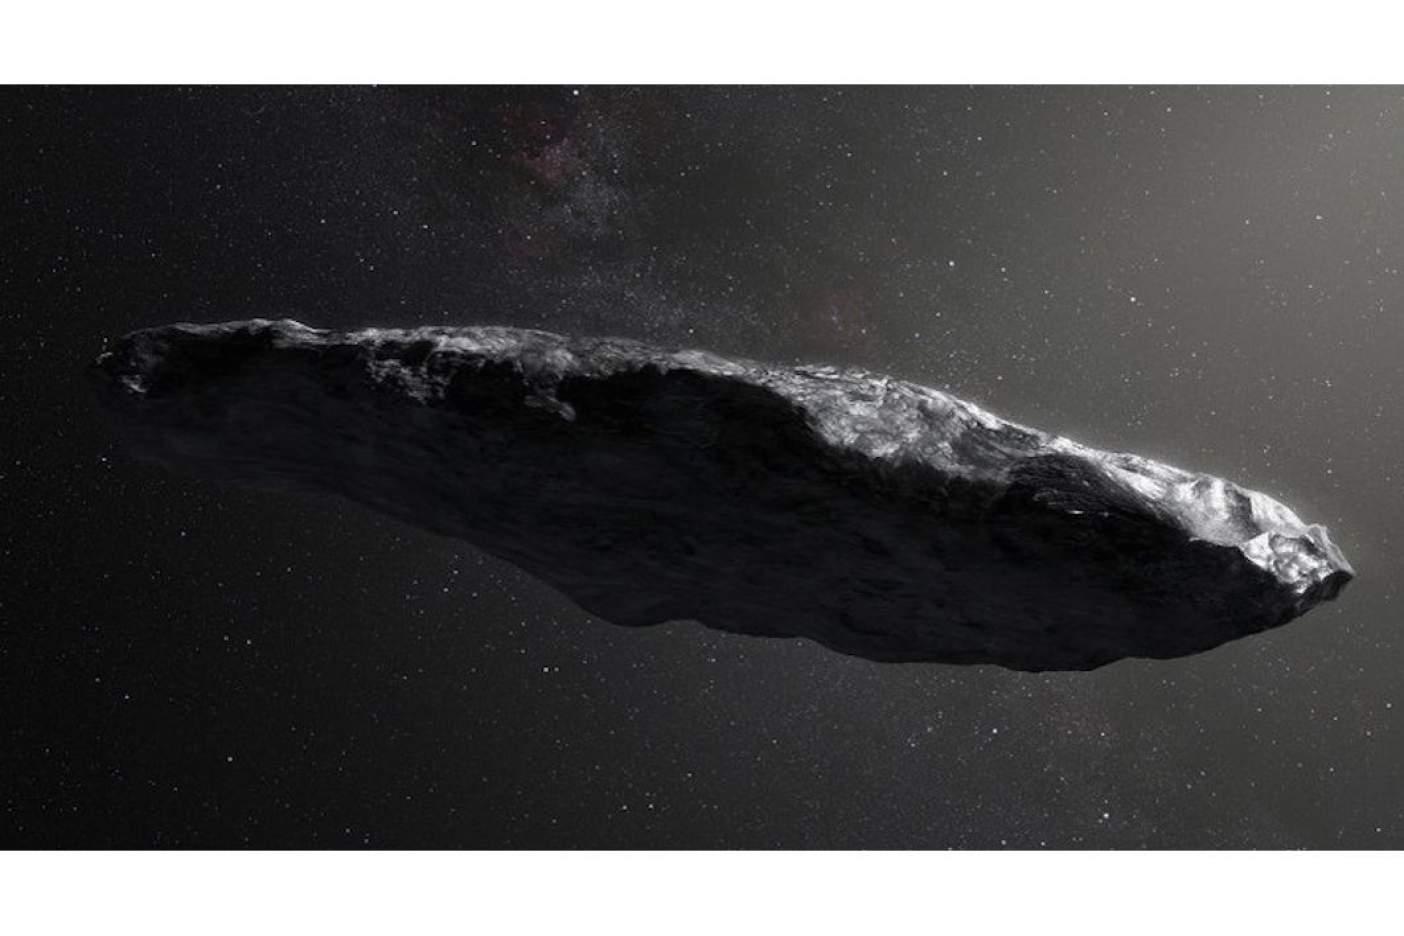 http://noroeste.com.mx/files/Publicacion/1110647/Foto/note_picture/oumuamua-187175.jpg